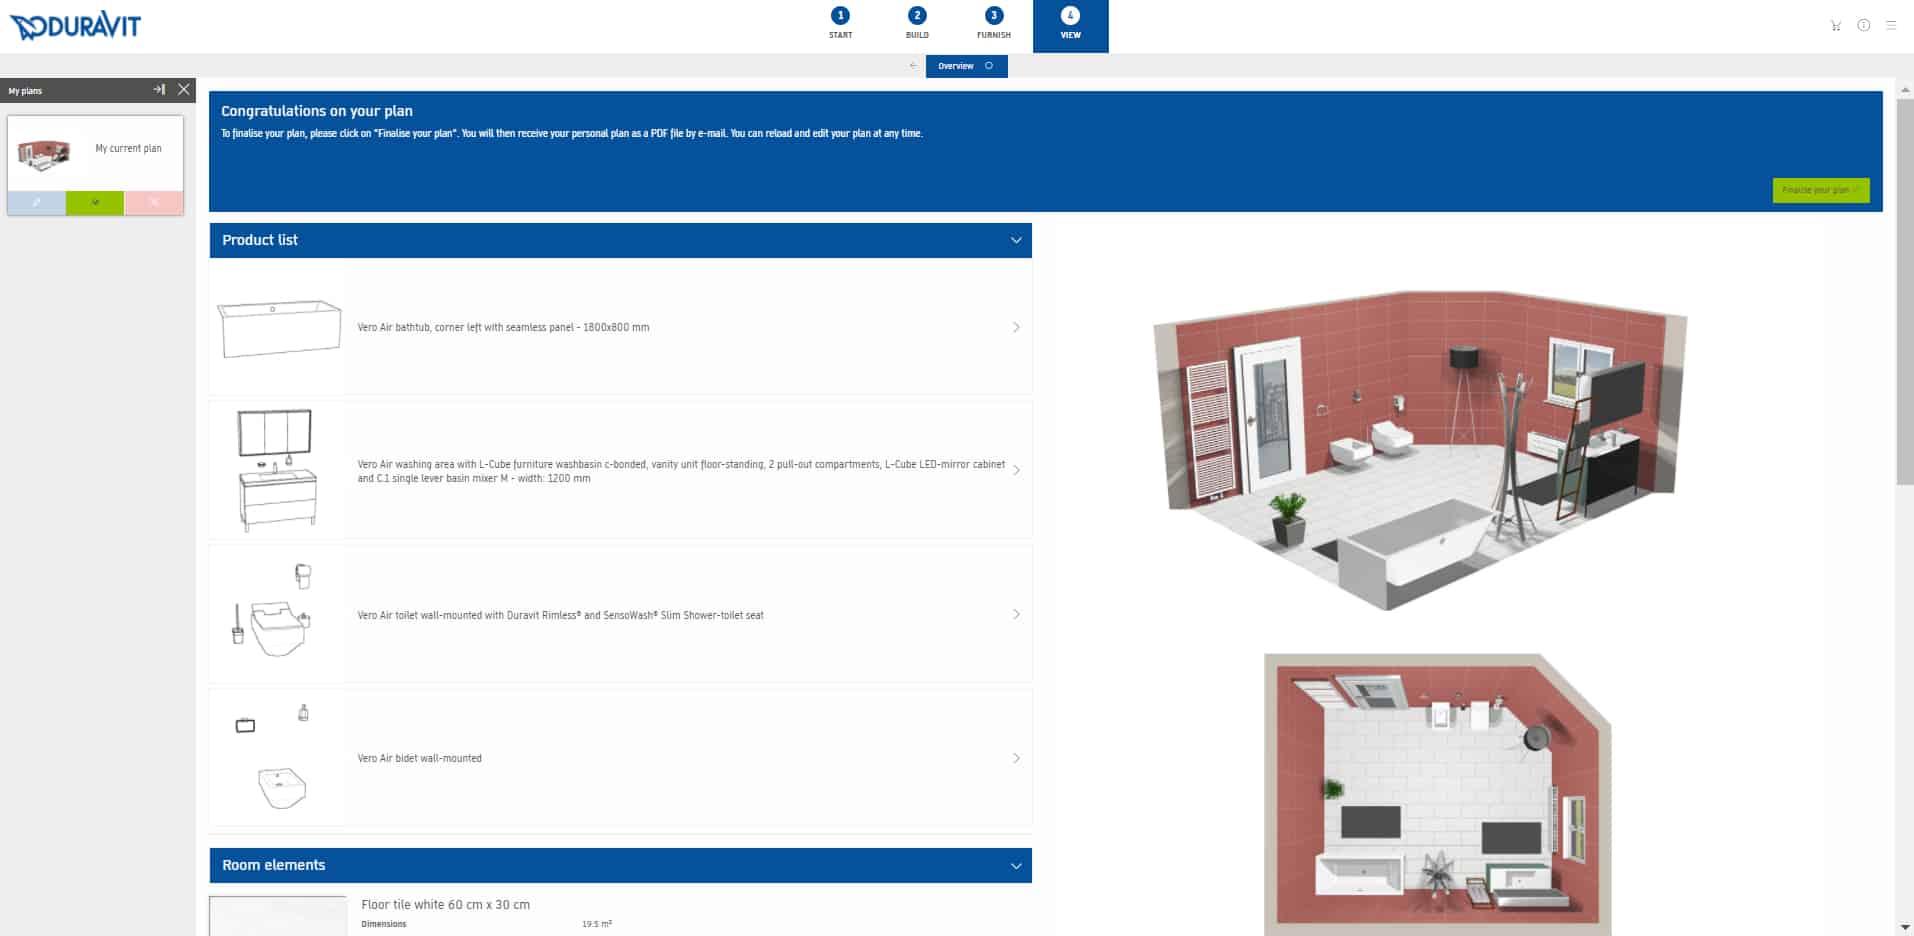 Duravit konfigurátor koupelny - hotové výstupy